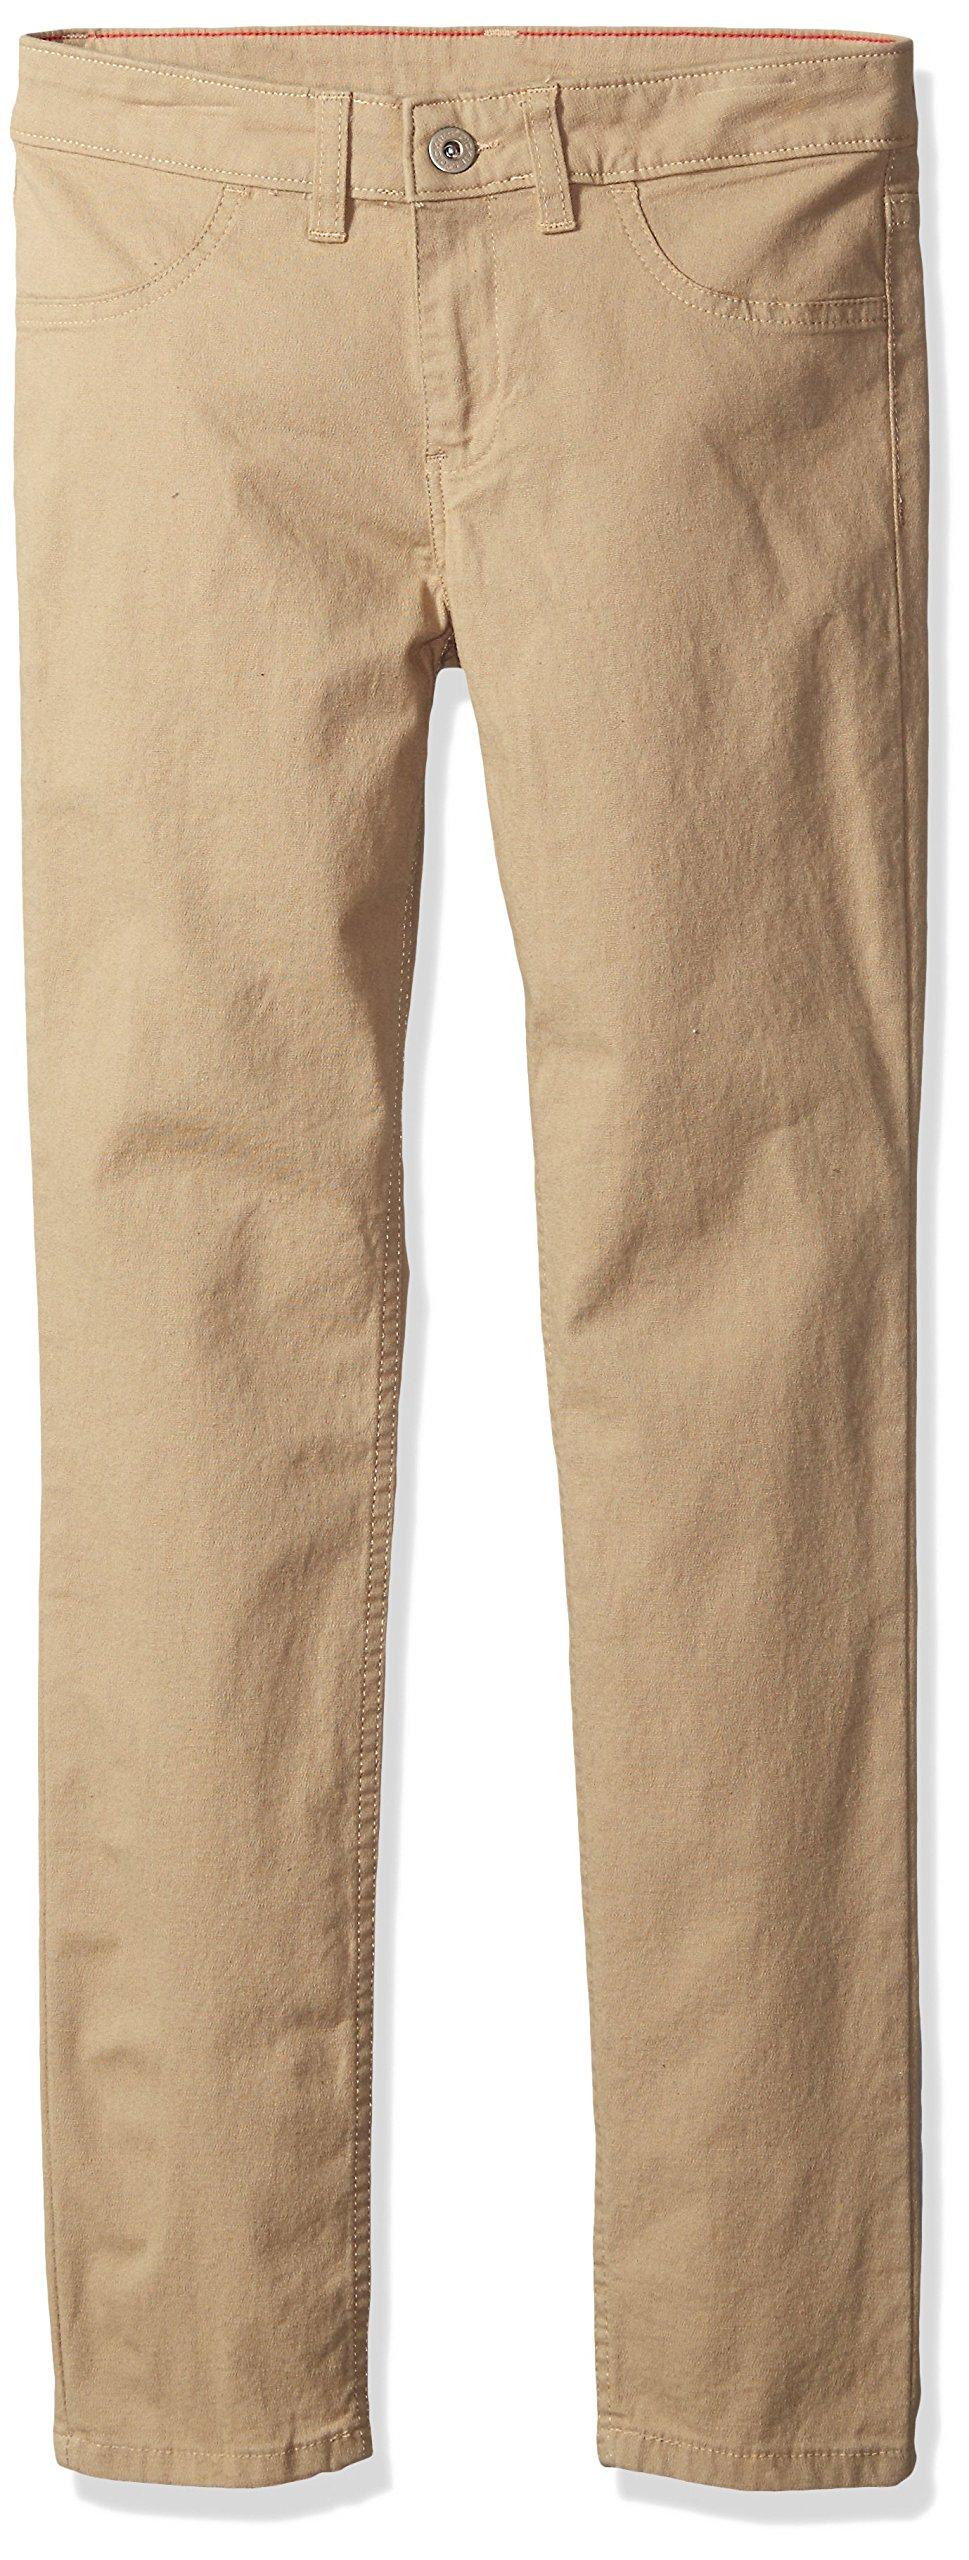 dickies Girls' Big Super Skinny Stretch Pant, Rinsed Desert Sand, 14 by dickies